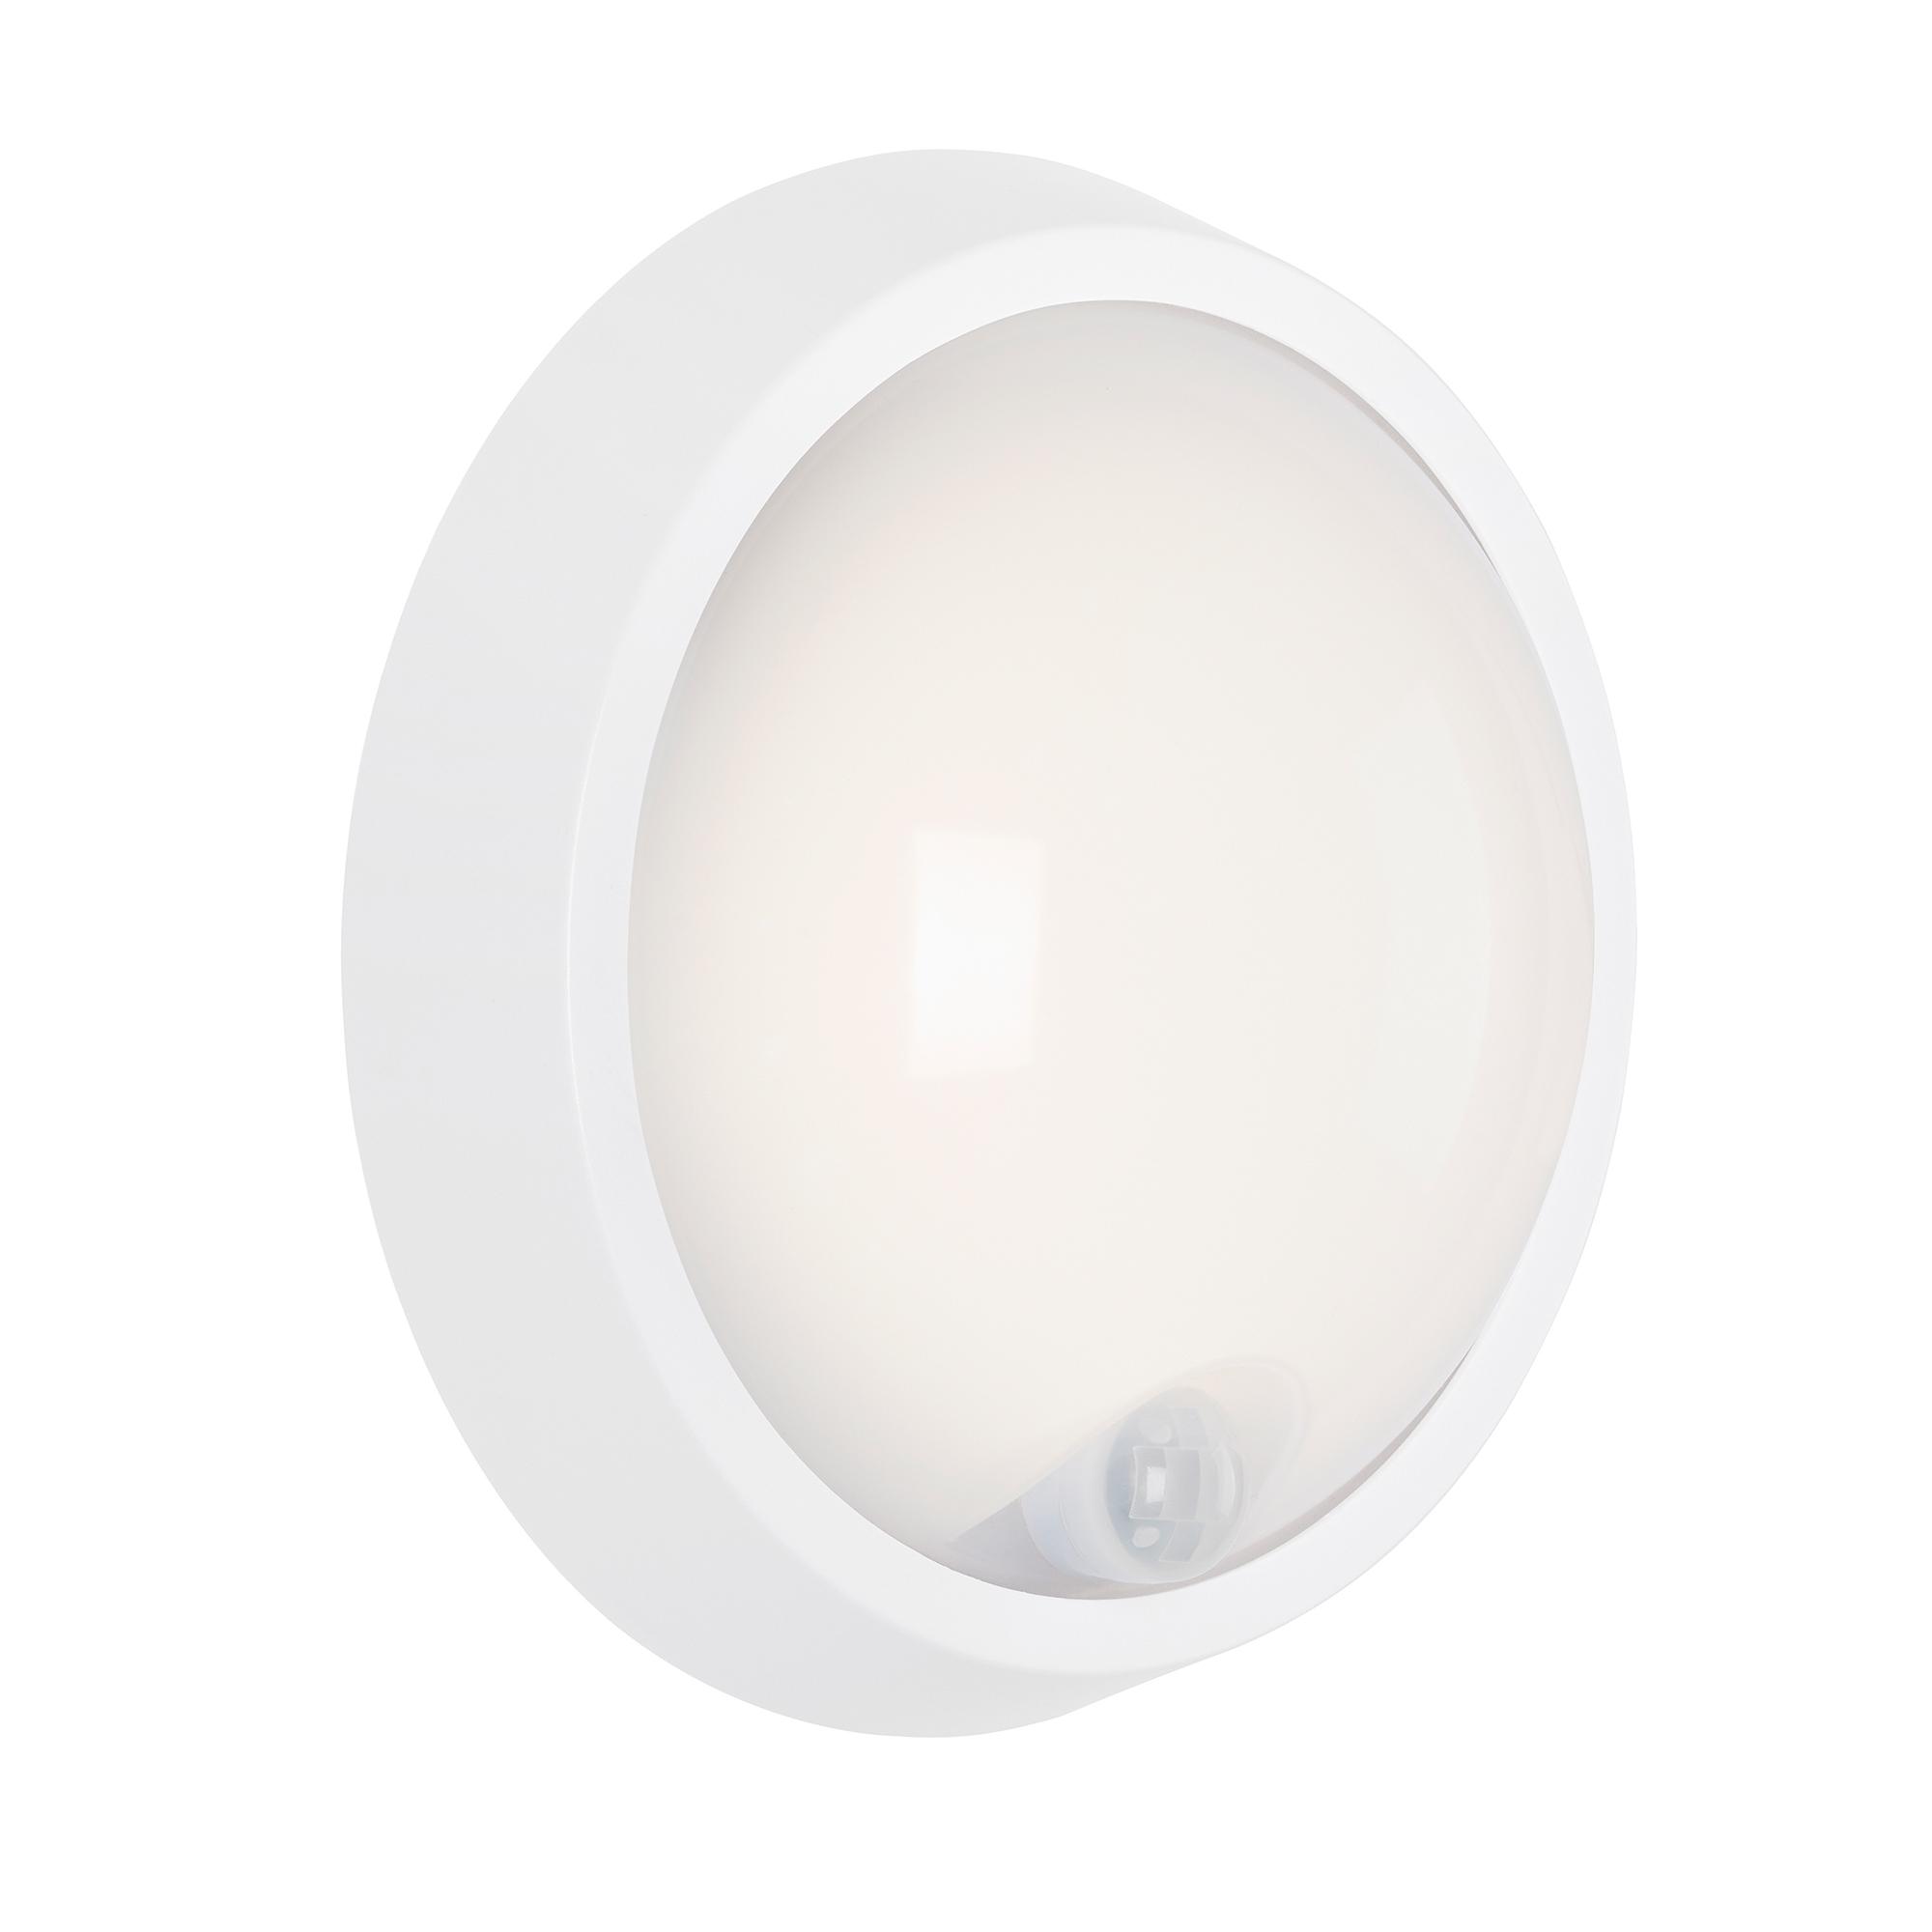 SENSOR LED Außenleuchte Weiß